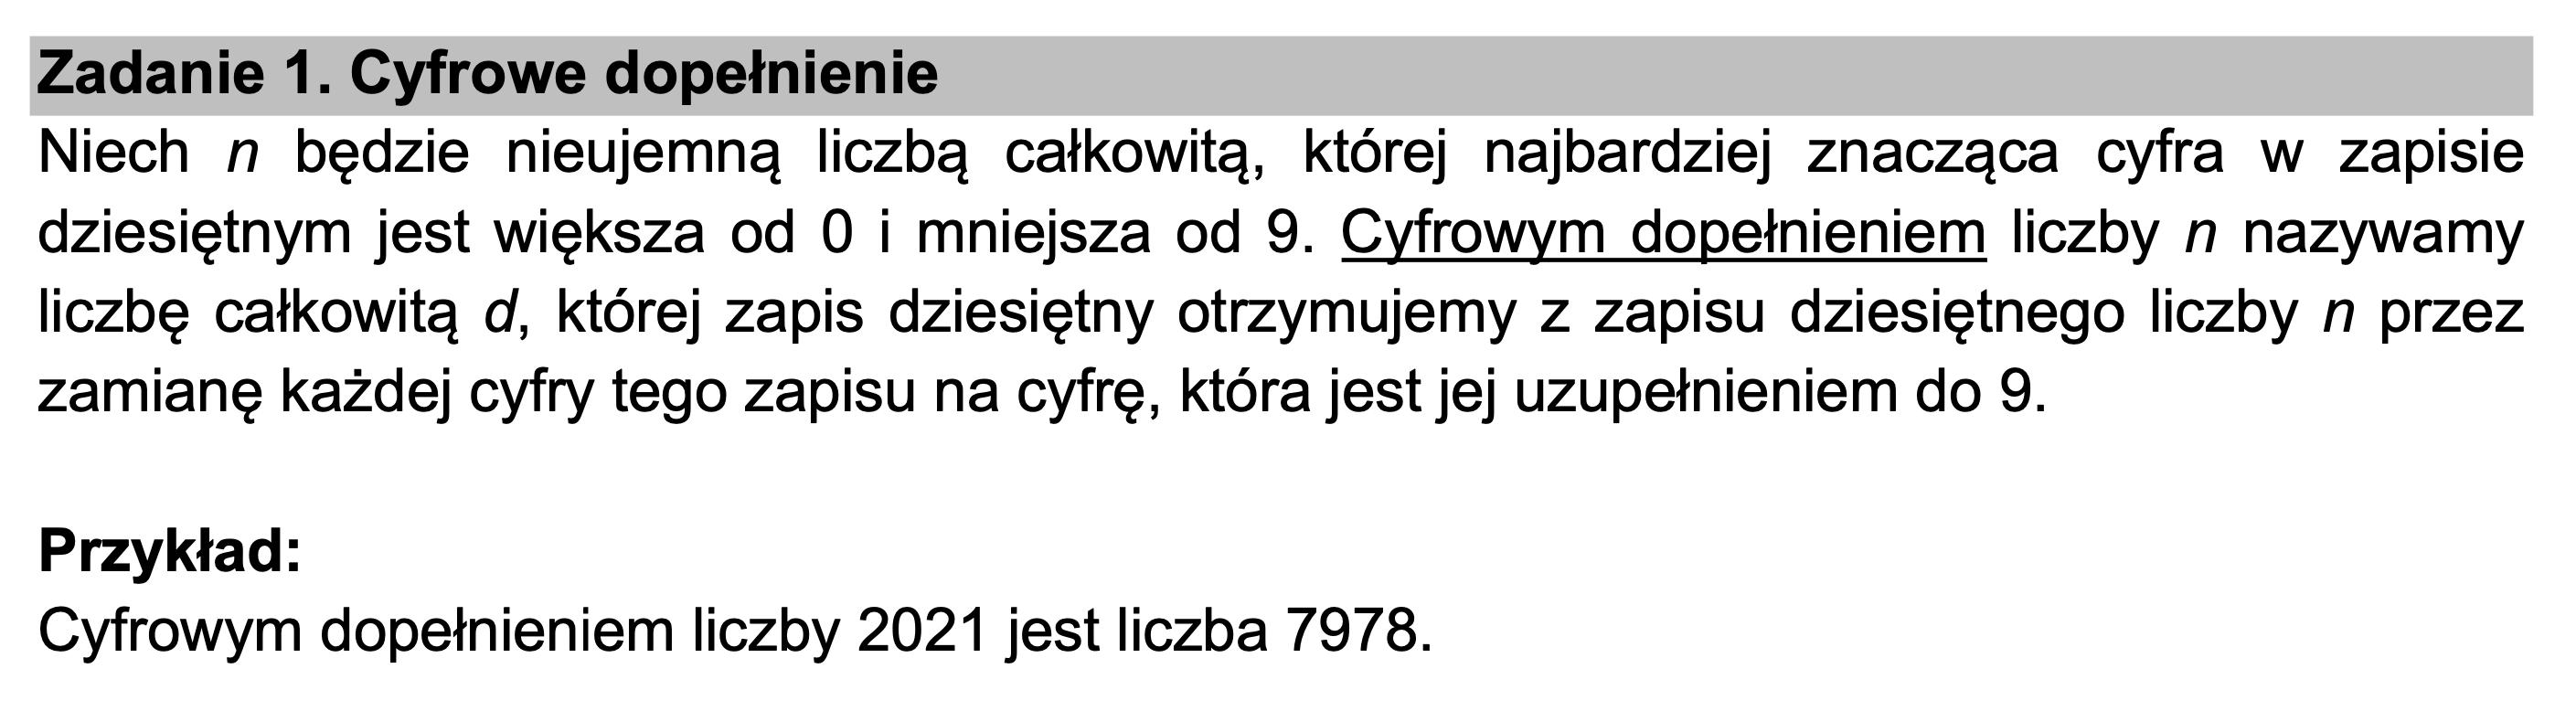 matura z informatyki 2021 zadanie 1